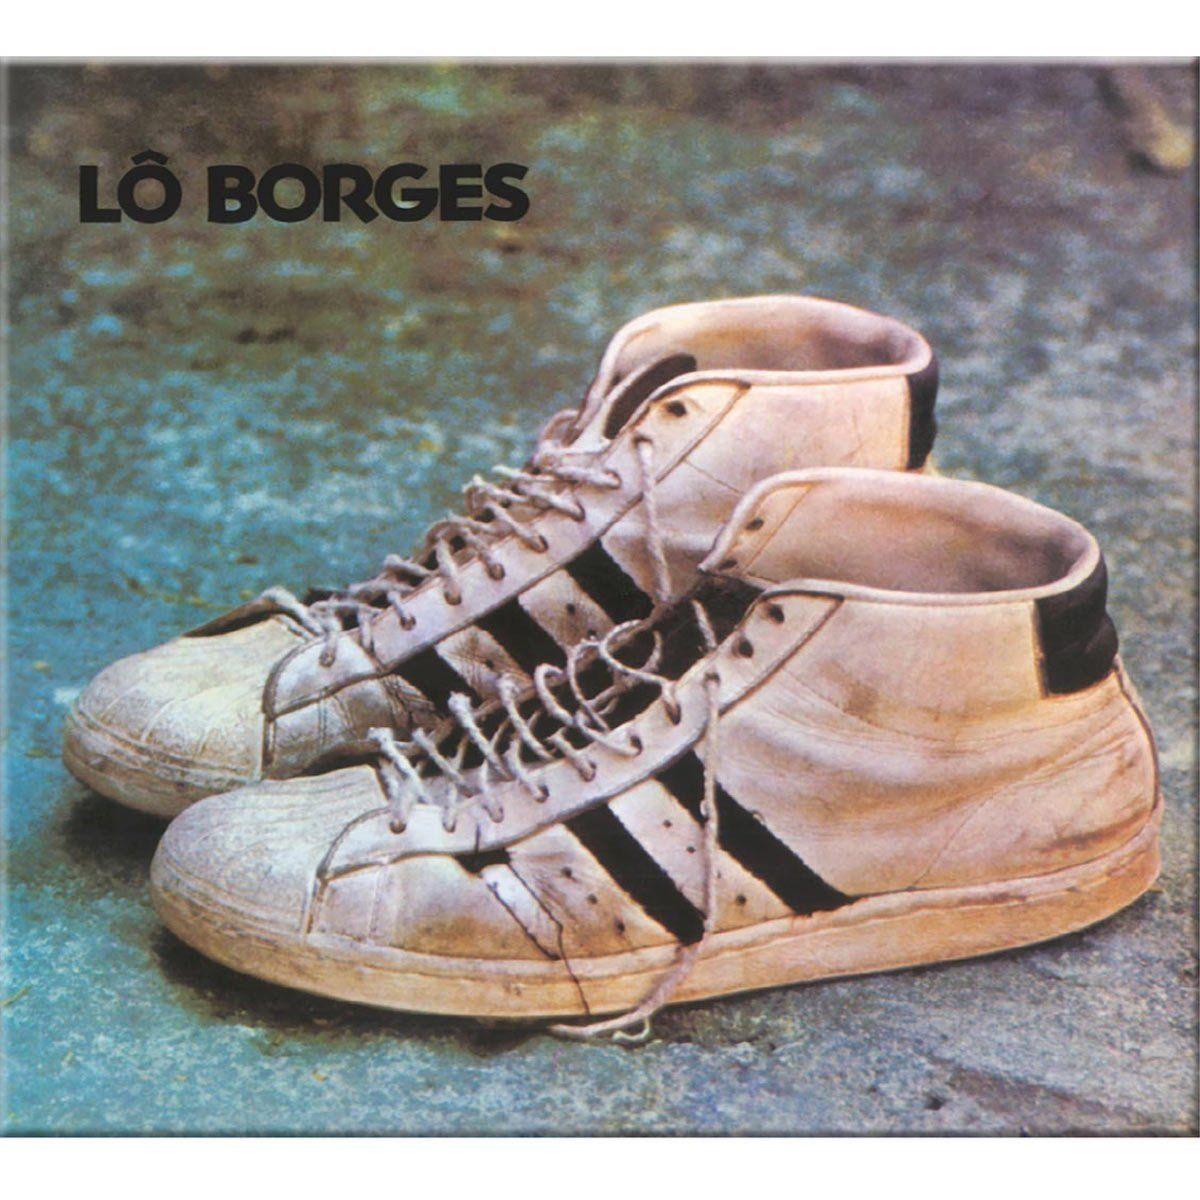 Vinil LP Lô Borges 1972  - bandUP Store Marketplace